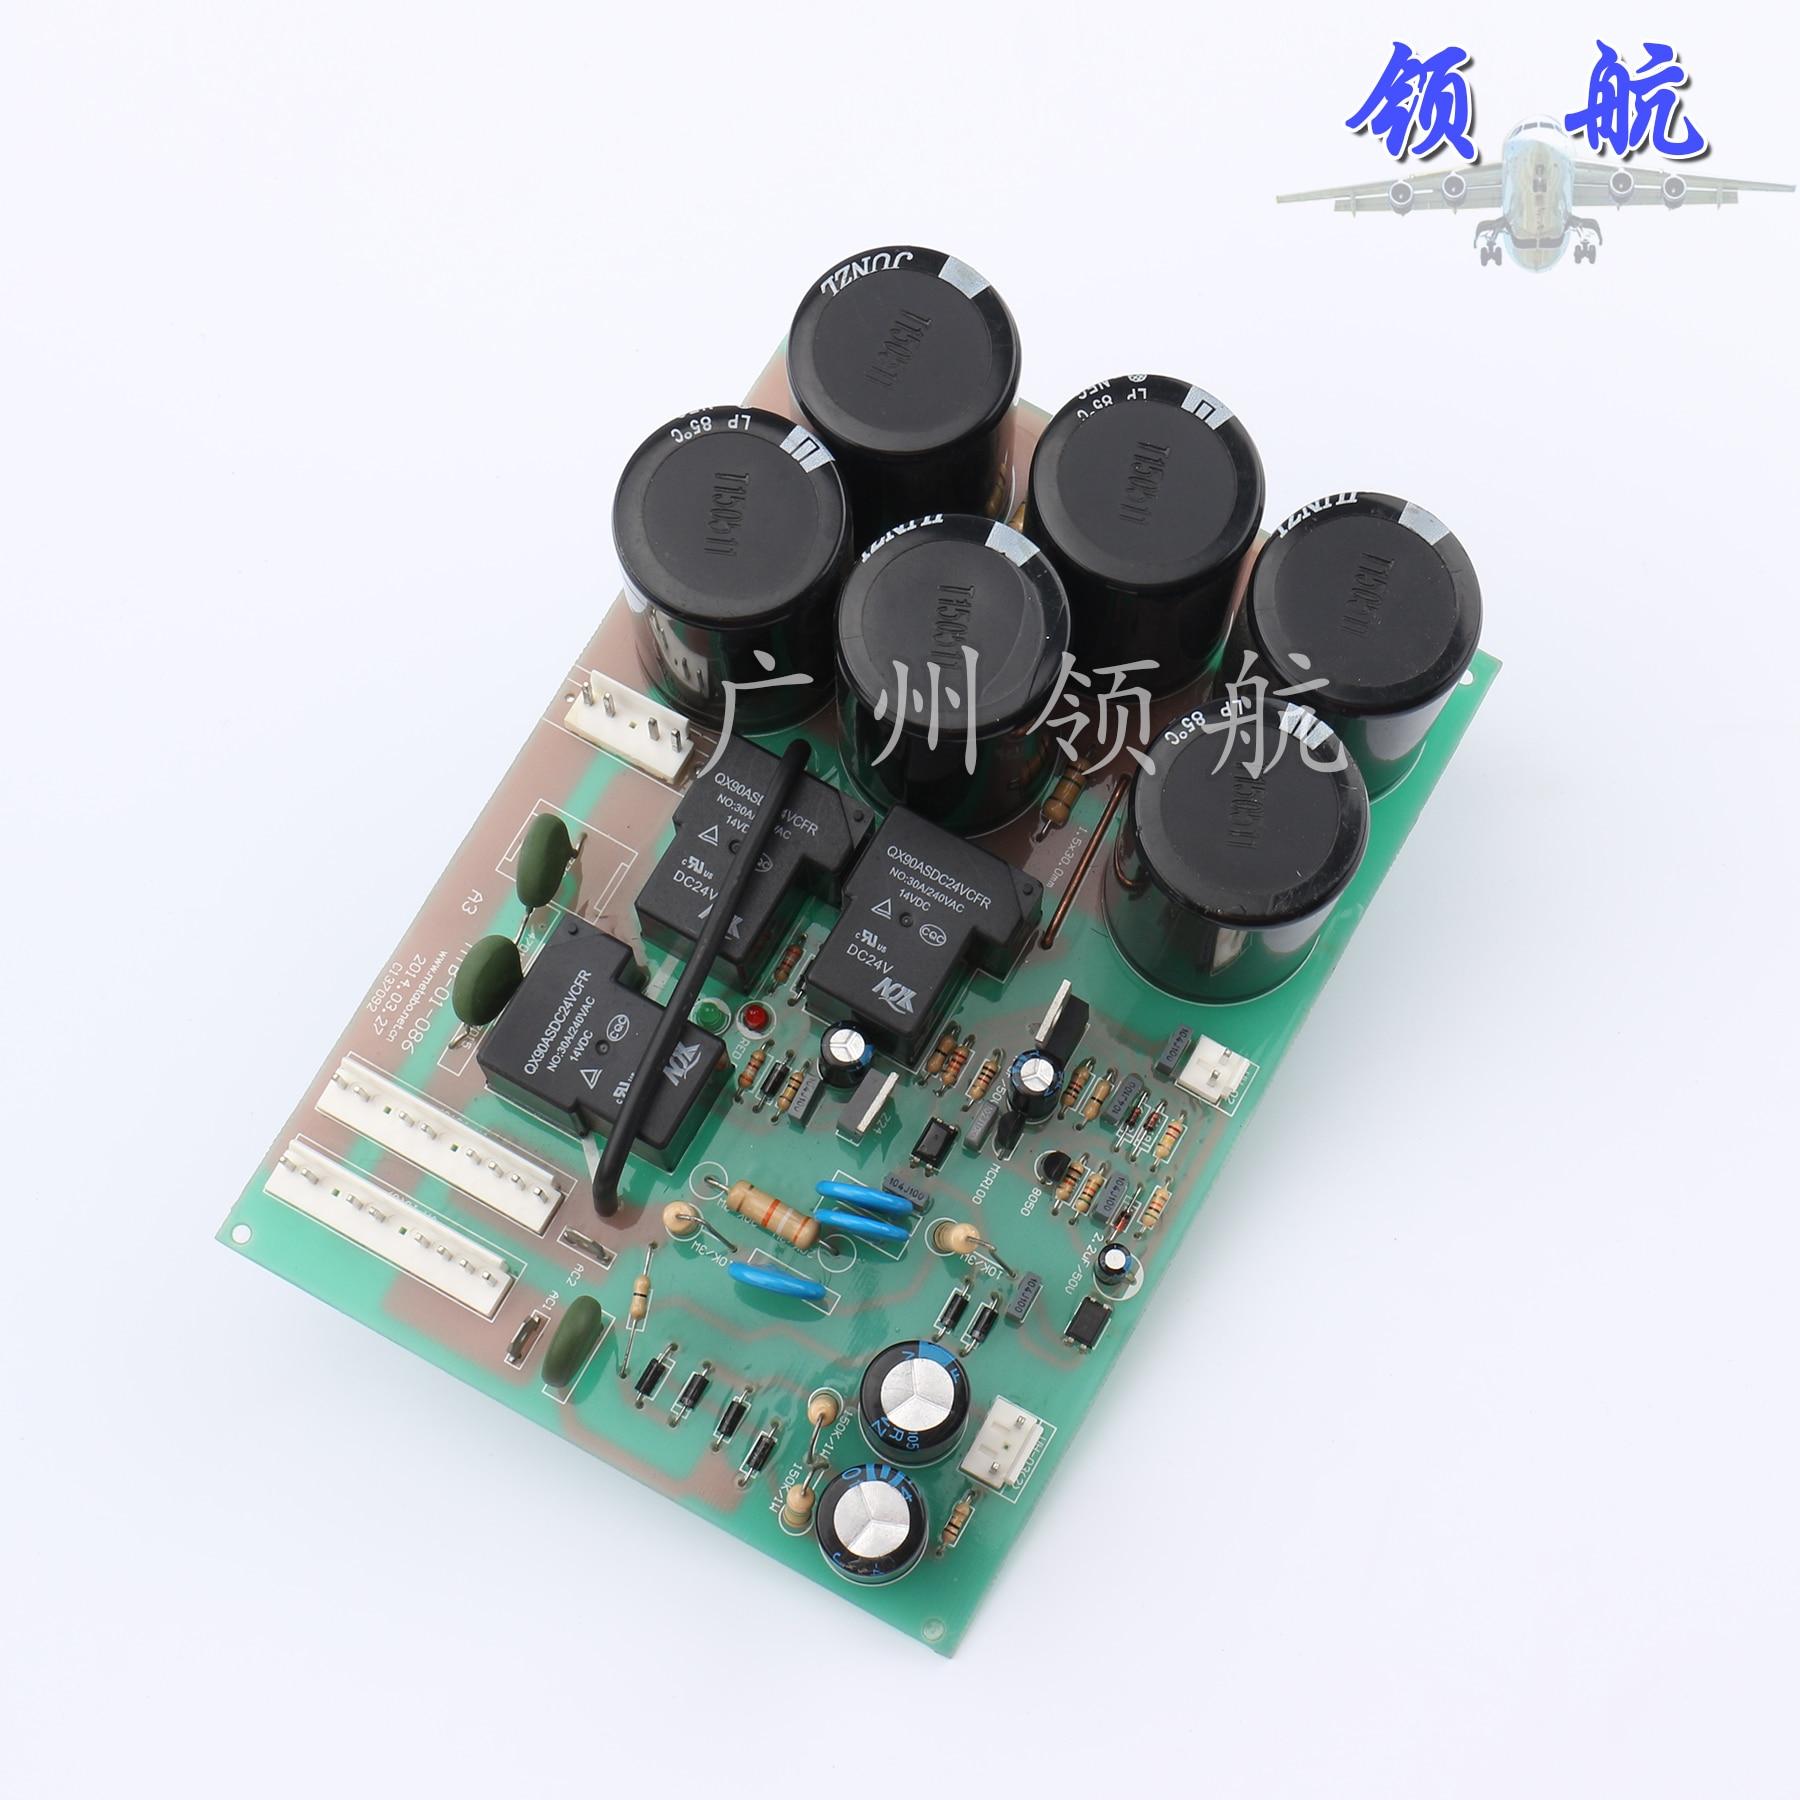 220/380 В двойной мощность сварочный аппарат схема ZX7250/315 S мощность доска дно с 6 Емкость днища